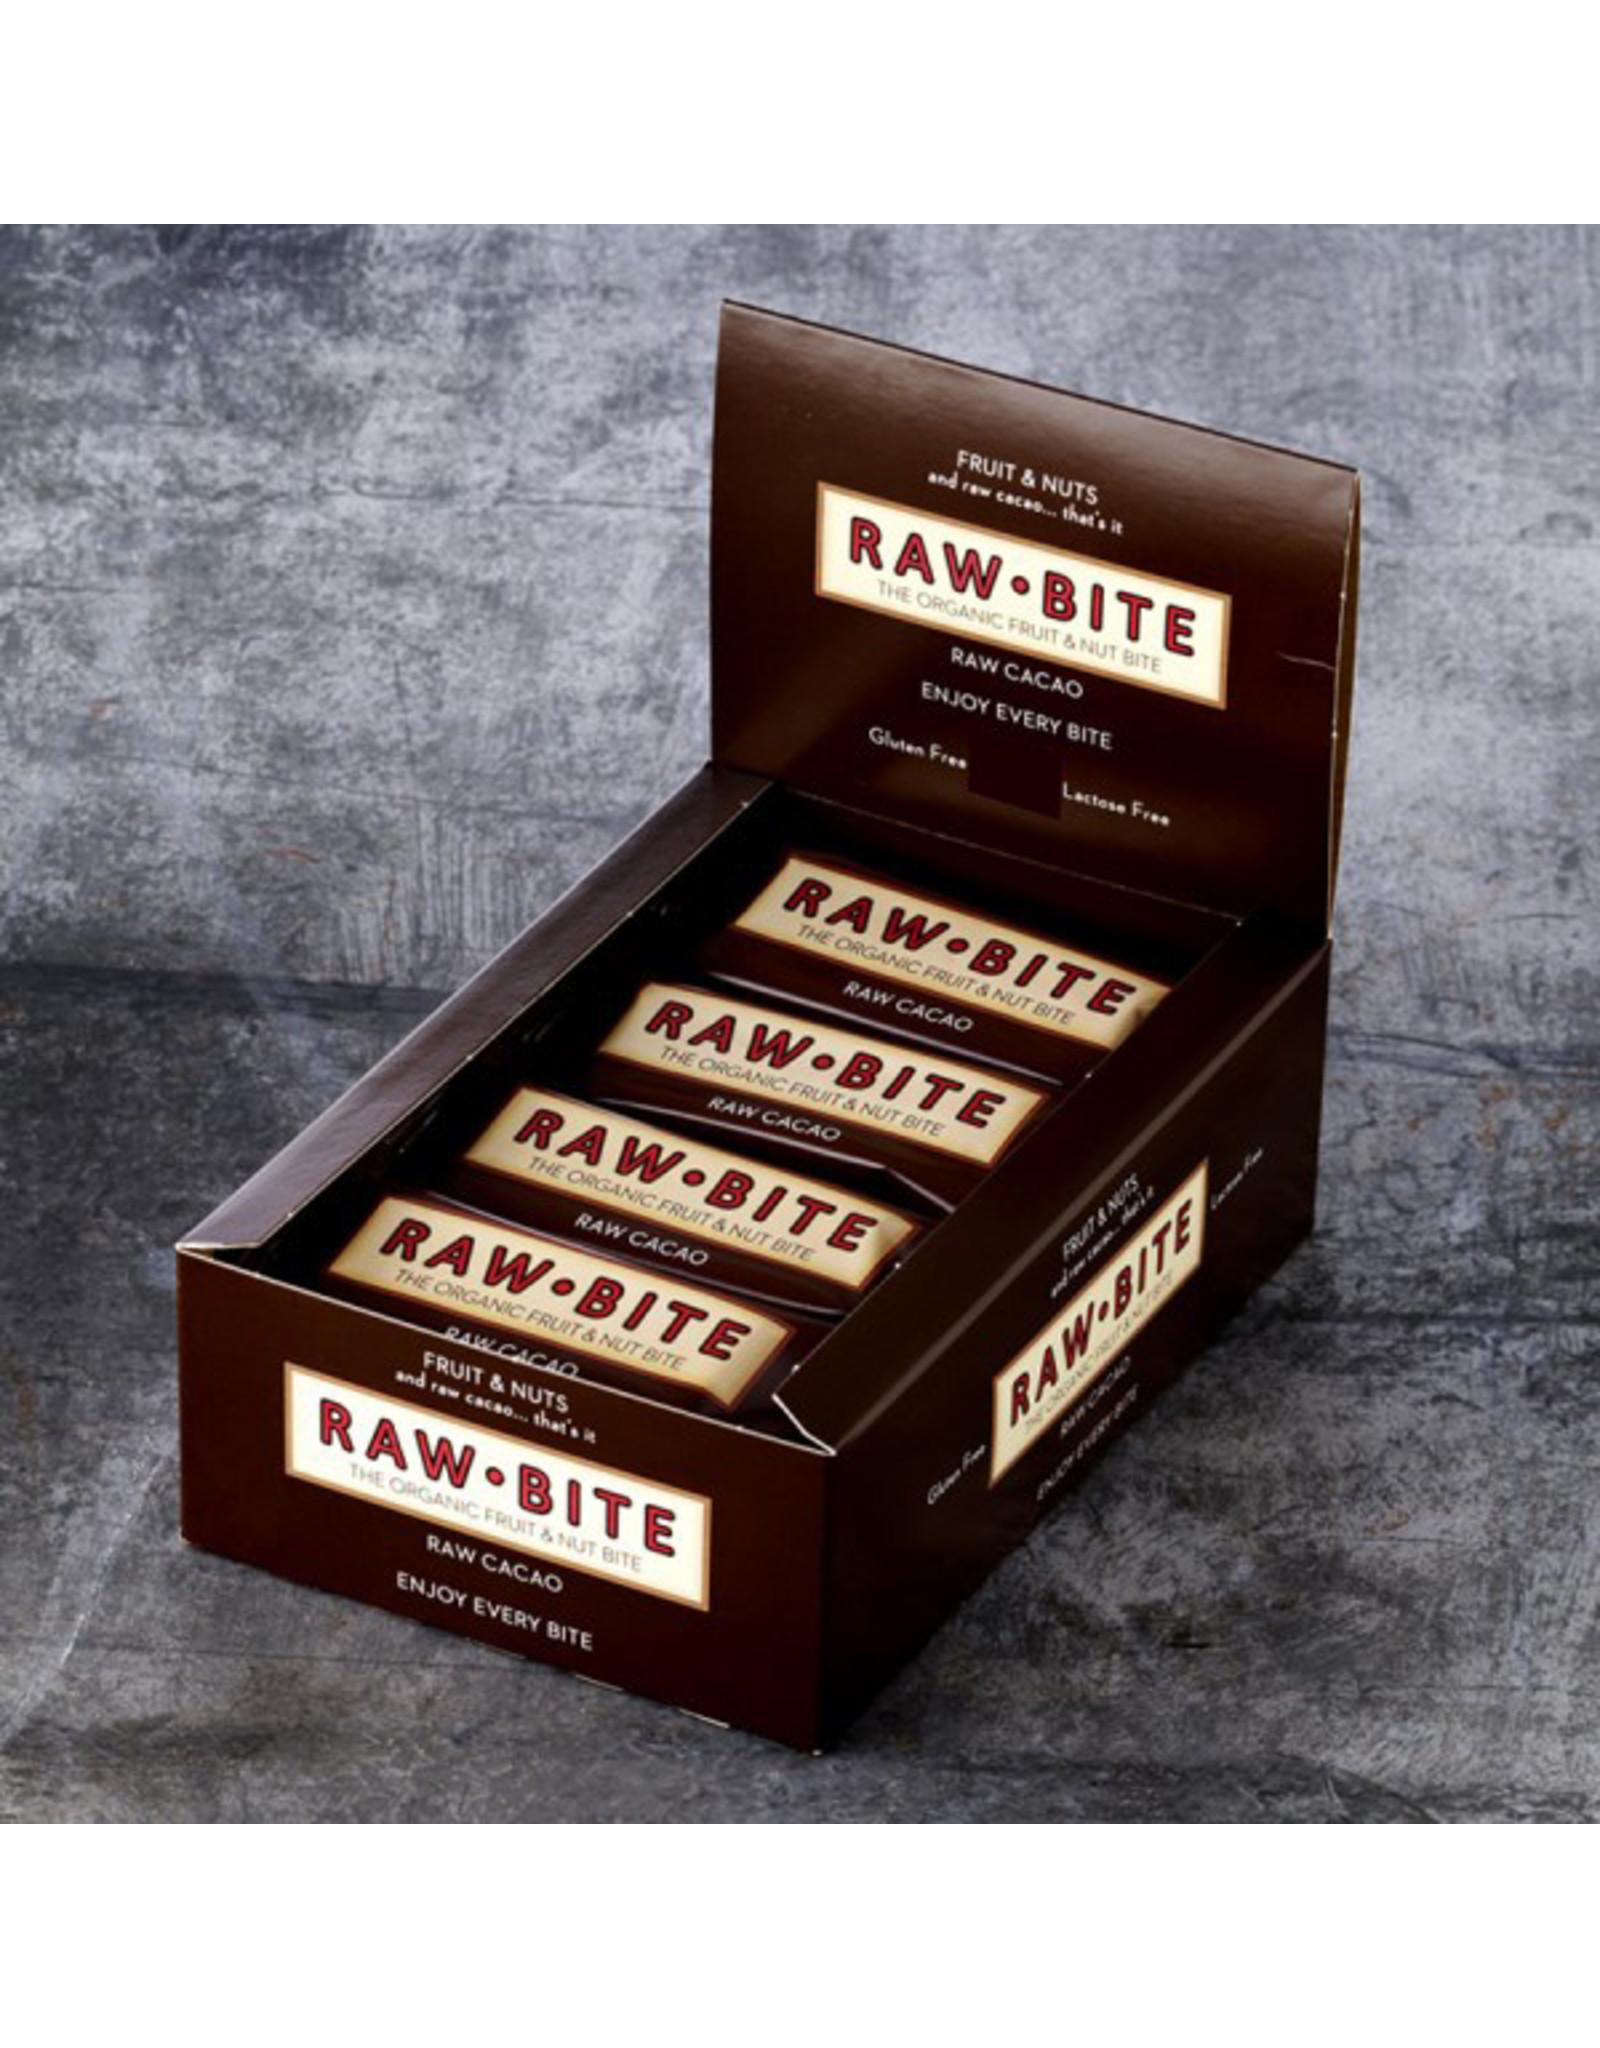 RAWBITE Rawbite Cacao